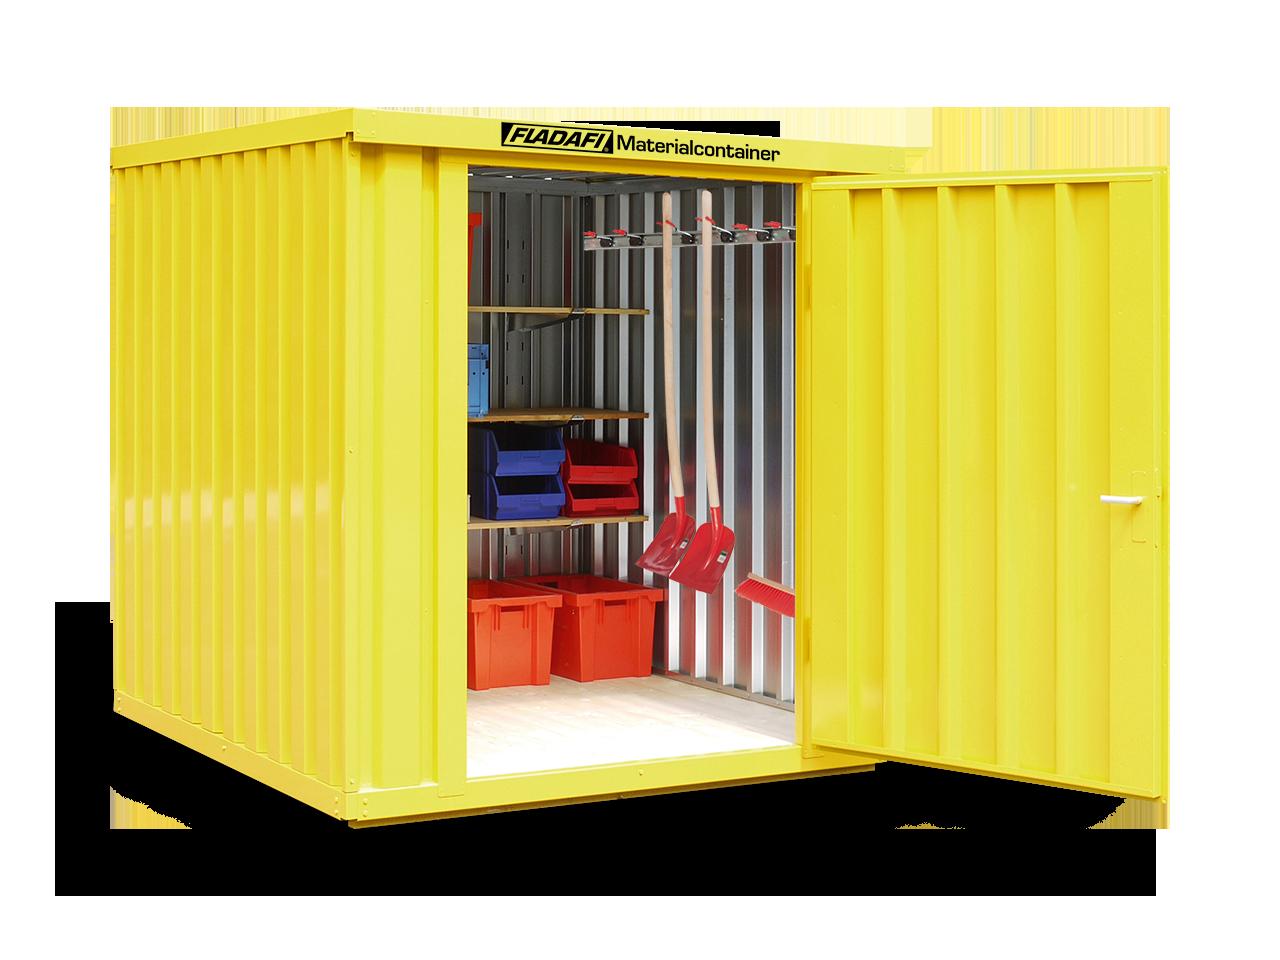 Der Aufbau und die Funktion des Materialcontainers